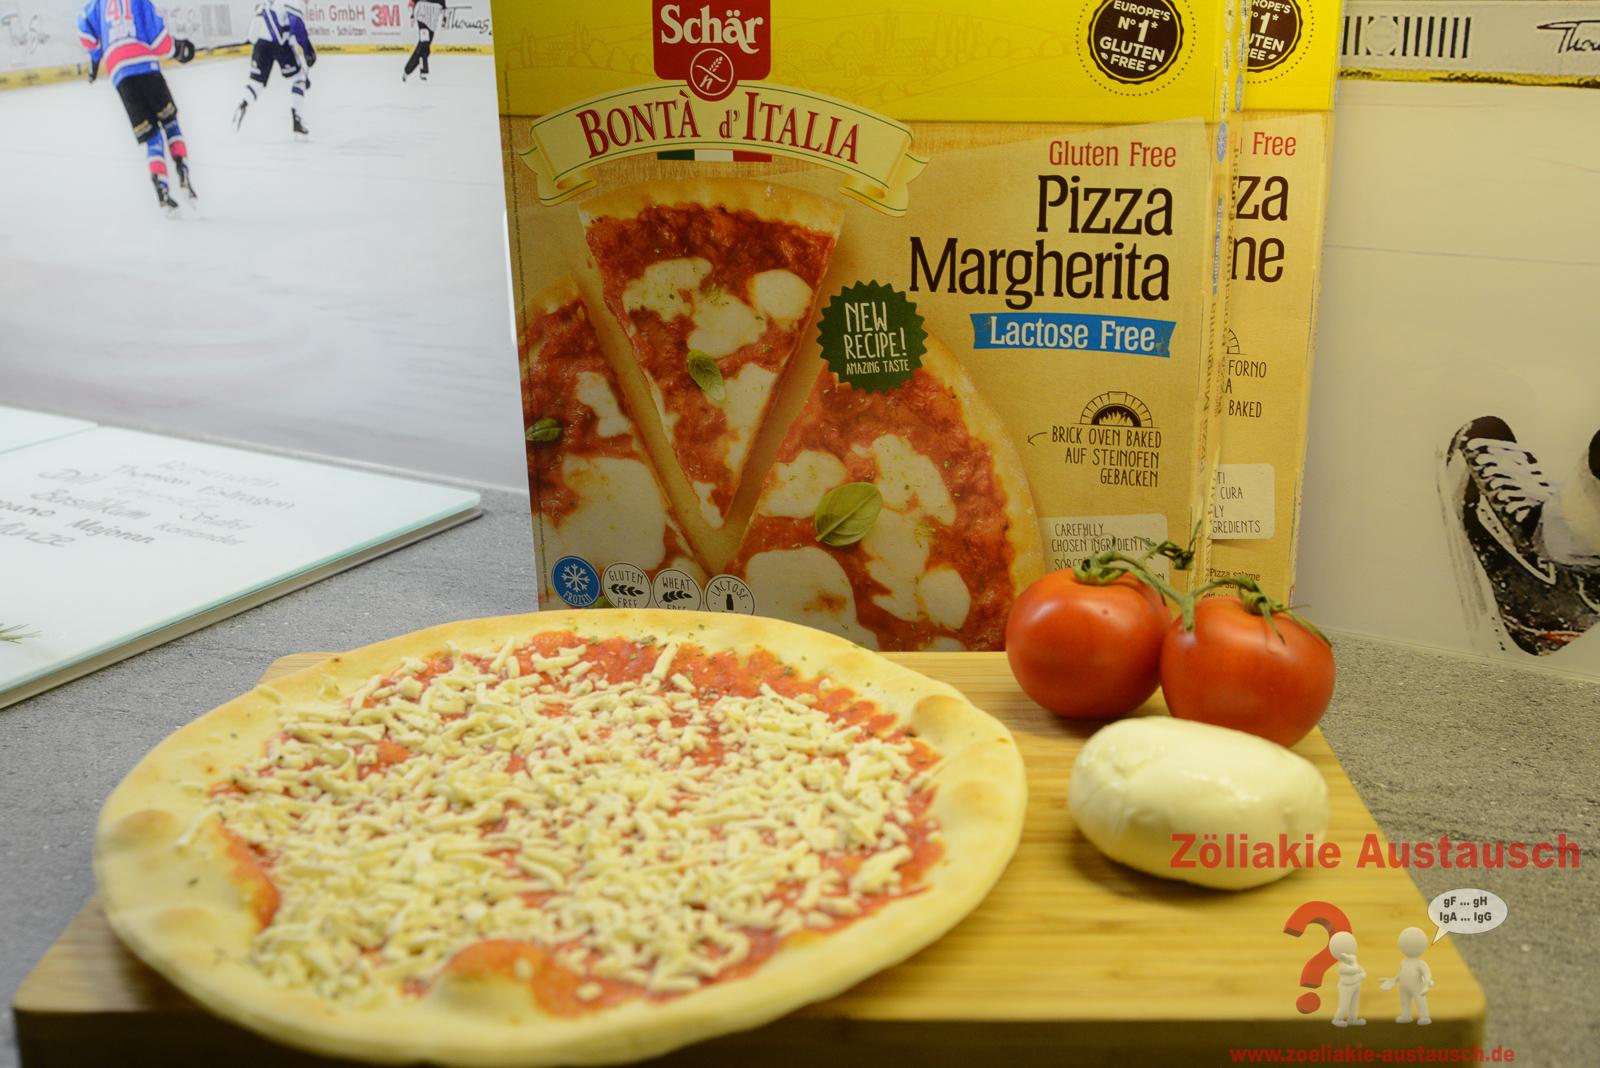 Schaer_Pizza-Zoeliakie_Austausch_018